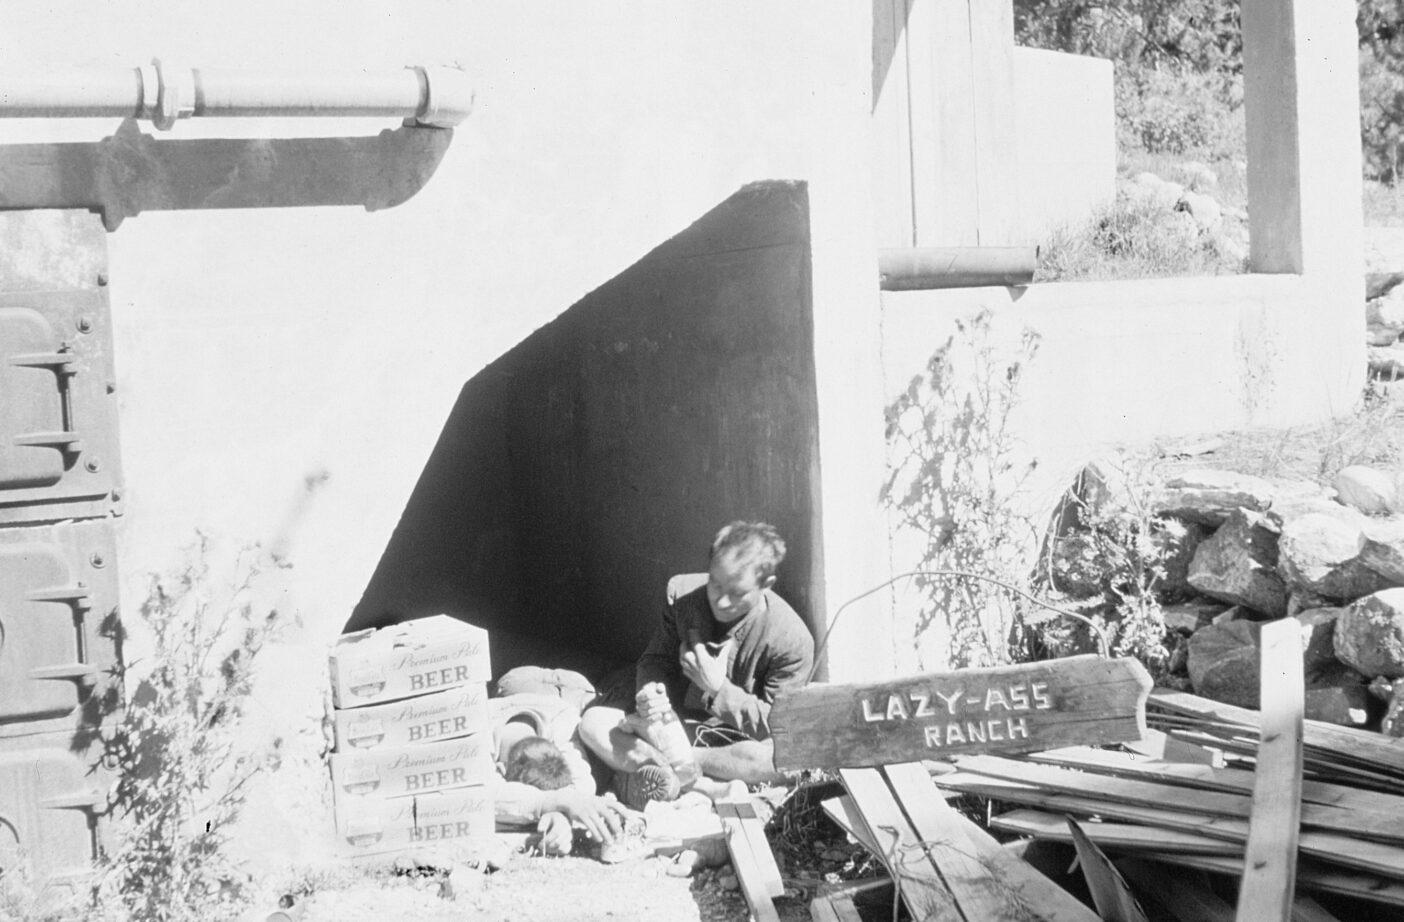 焼却炉を片付け、そこに住み、ティトン山脈でひと夏を過ごした。1958年、ワイオミング州ジャクソン Photo : Lorraine Bonney